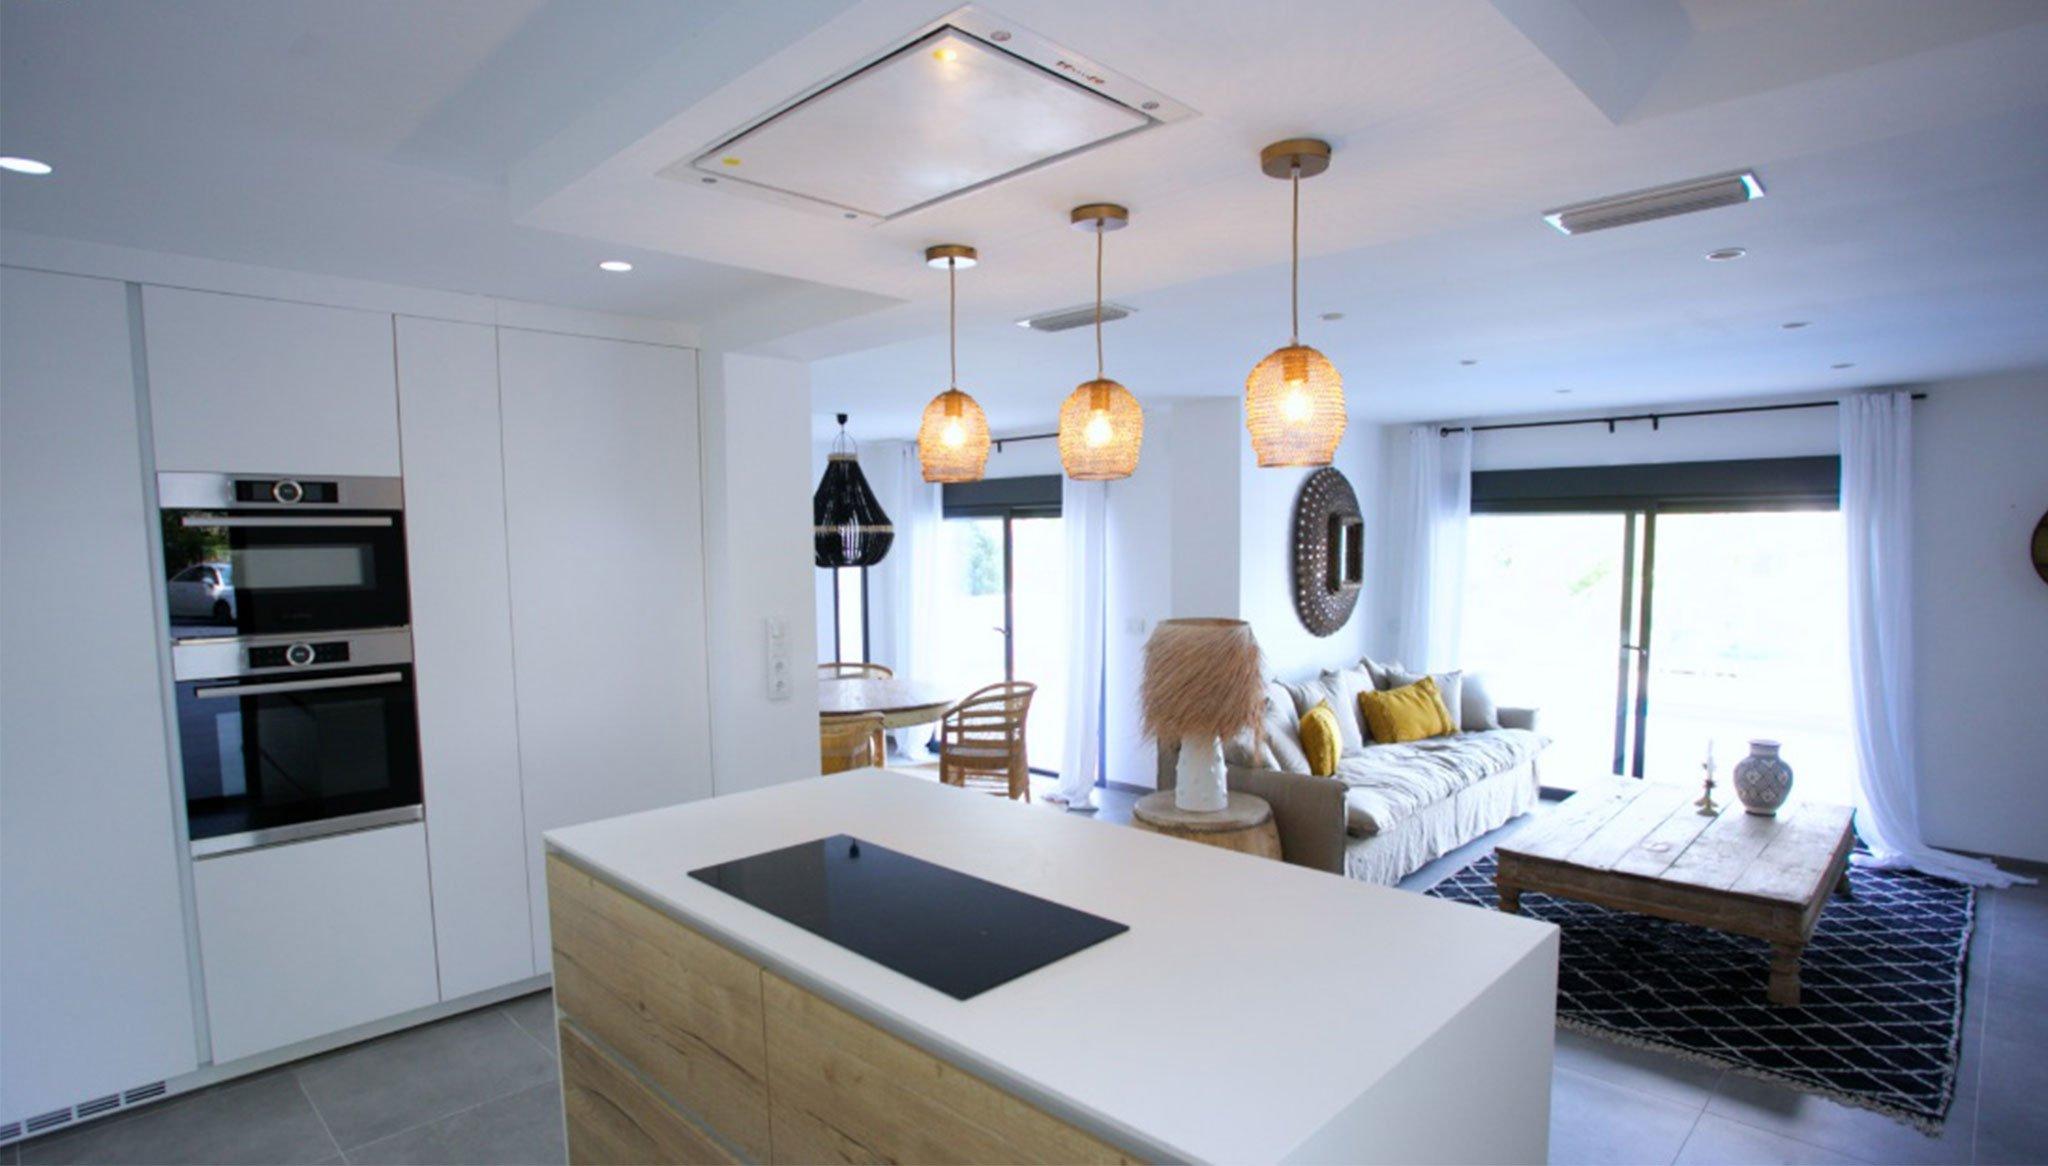 Volledig ingerichte keuken met centraal eiland in een luxe villa - Fine & Country Costa Blanca Noord